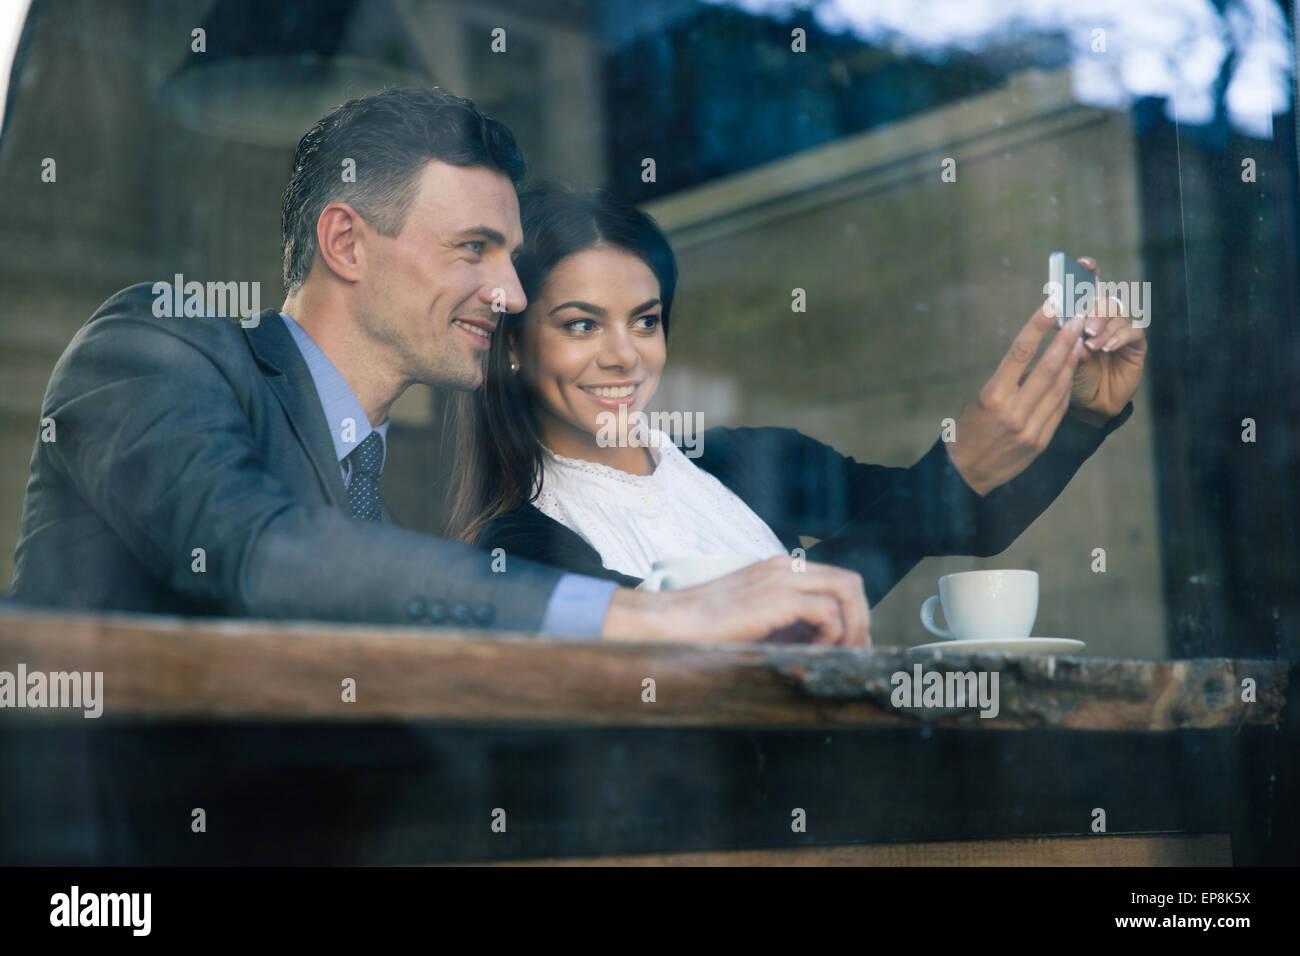 Lächeln, Geschäftsfrau und Geschäftsmann, Selfie Foto auf Smartphone im café Stockbild